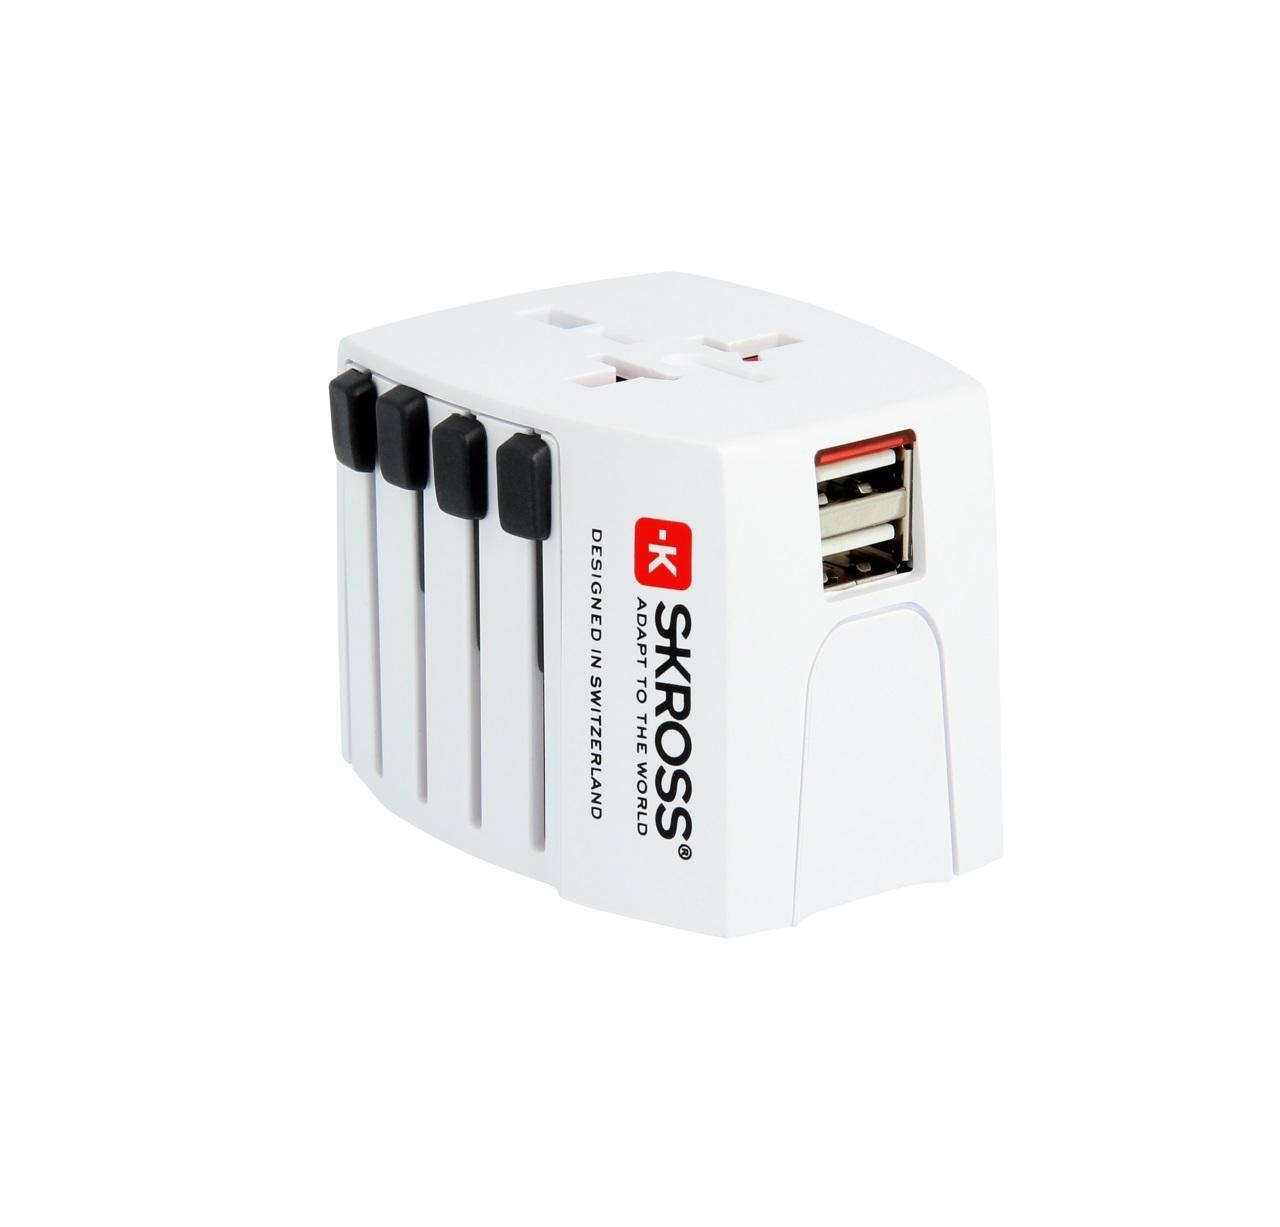 Адаптер Skross MUV 1302930, 2 х USB, 2.5А